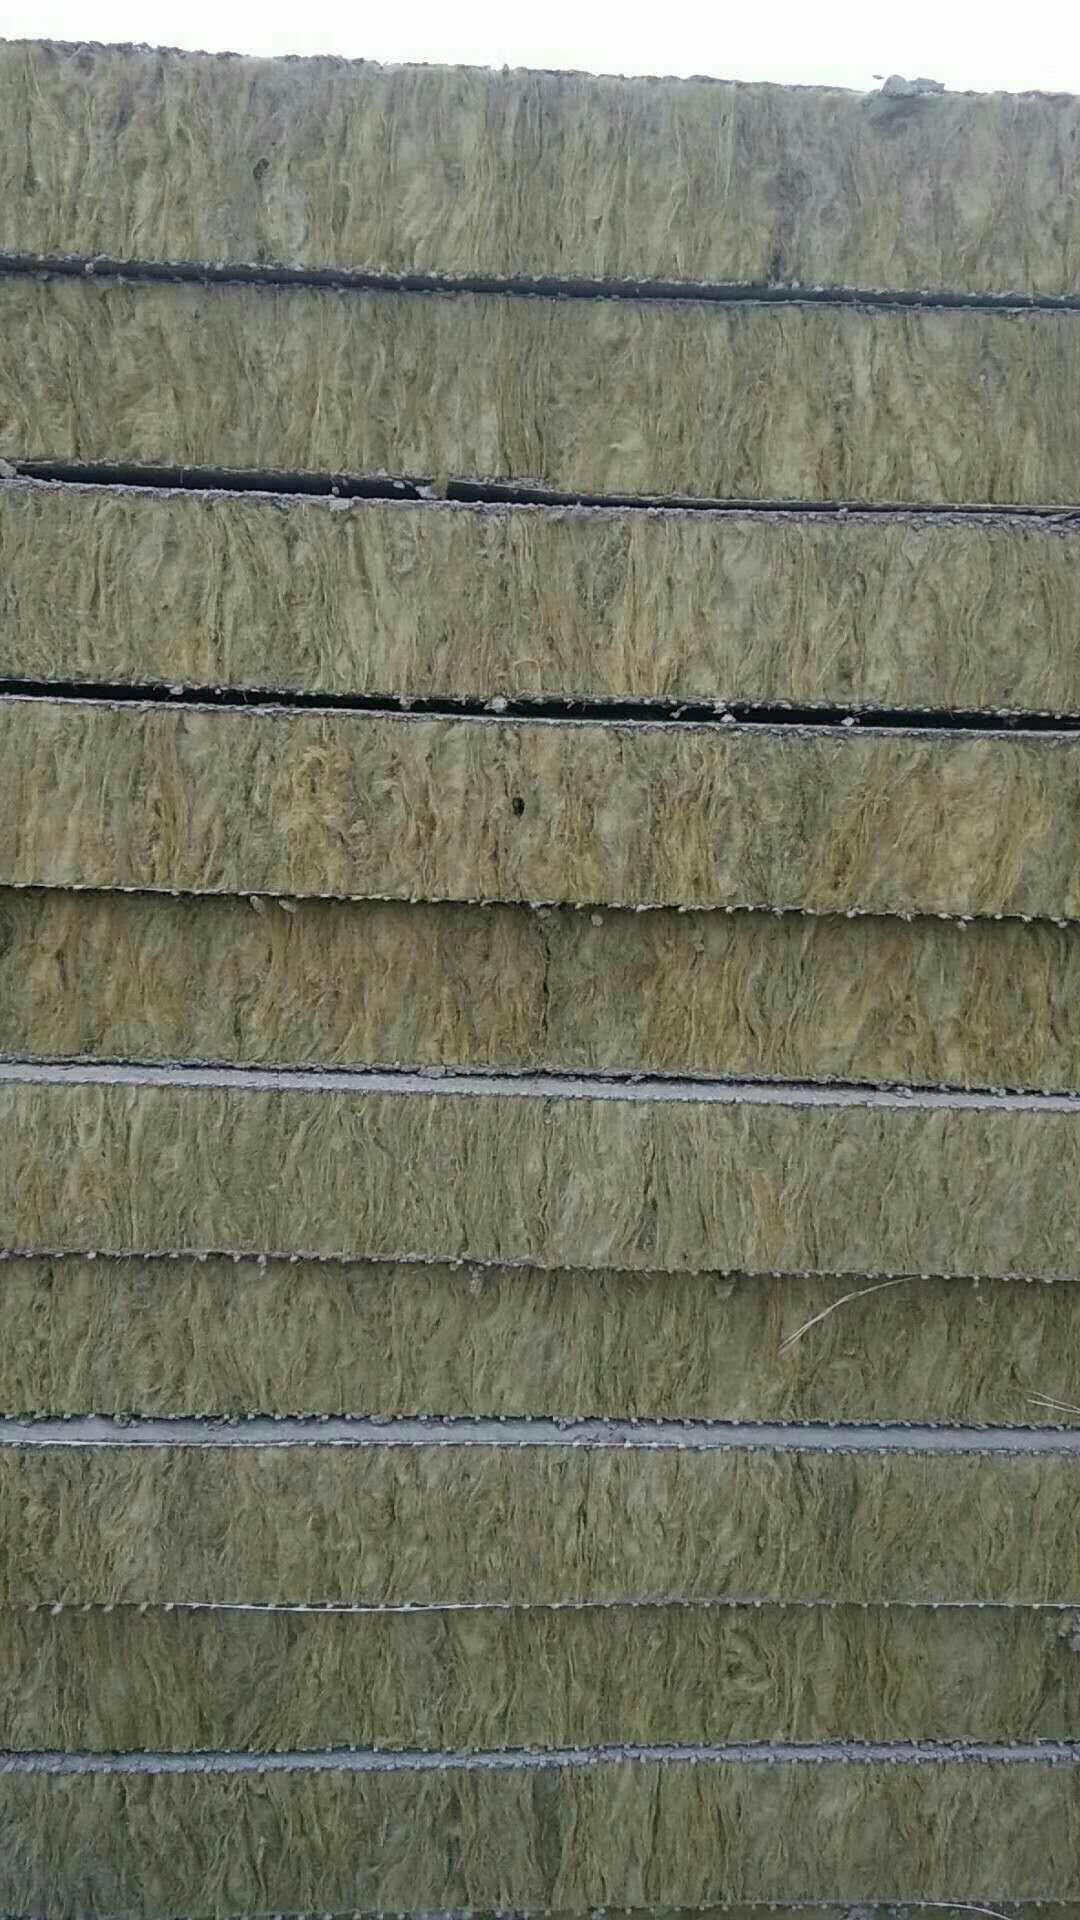 天水外墙保温水泥岩棉复合板\A级外墙保温岩棉复合板厂